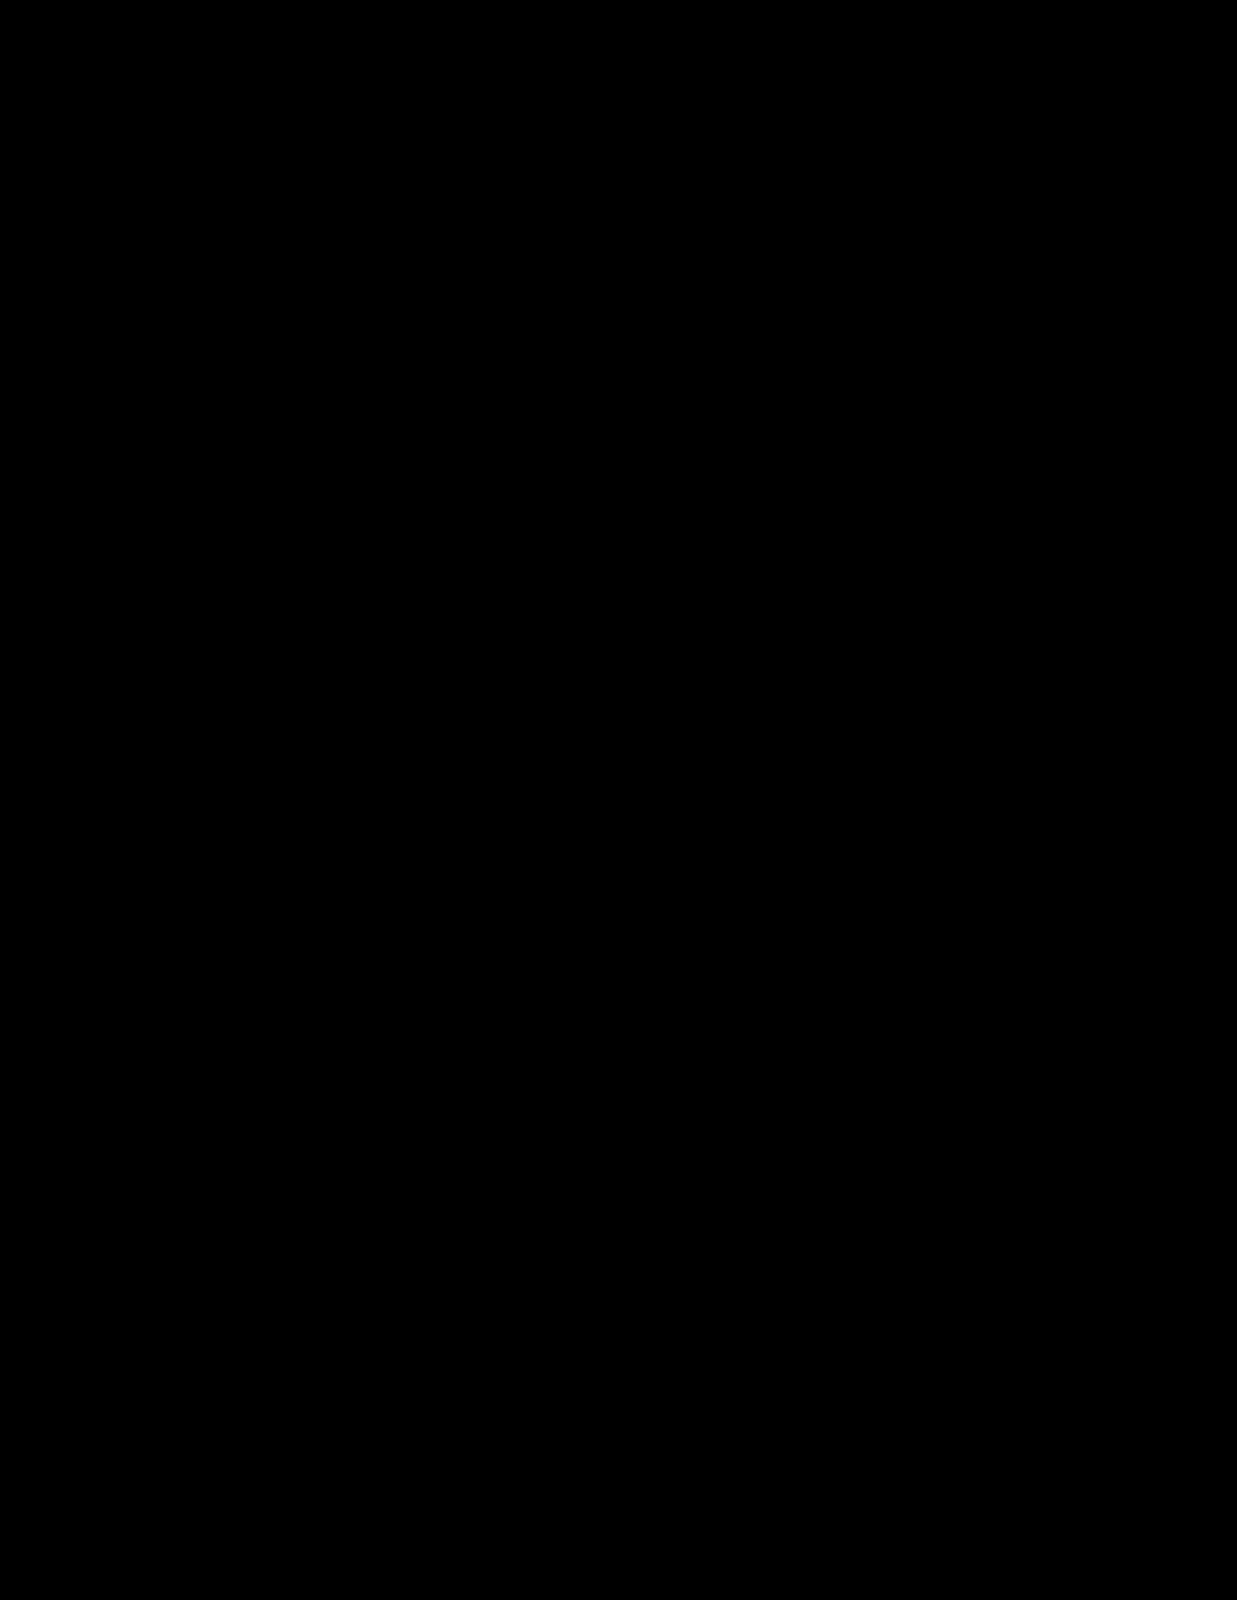 contoh surat lamaran kerja karyawan pabrik, contoh surat permohonan lamaran kerja, surat lamaran kerja pabrik tulis tangan, contoh surat lamaran kerja di pabrik garmen, cara membuat surat lamaran kerja di garment, contoh surat lamaran pt, cara membuat lamaran kerja tulisan tangan, contoh surat lamaran kerja di garment terbaru, ben-jobs.blogspot.com